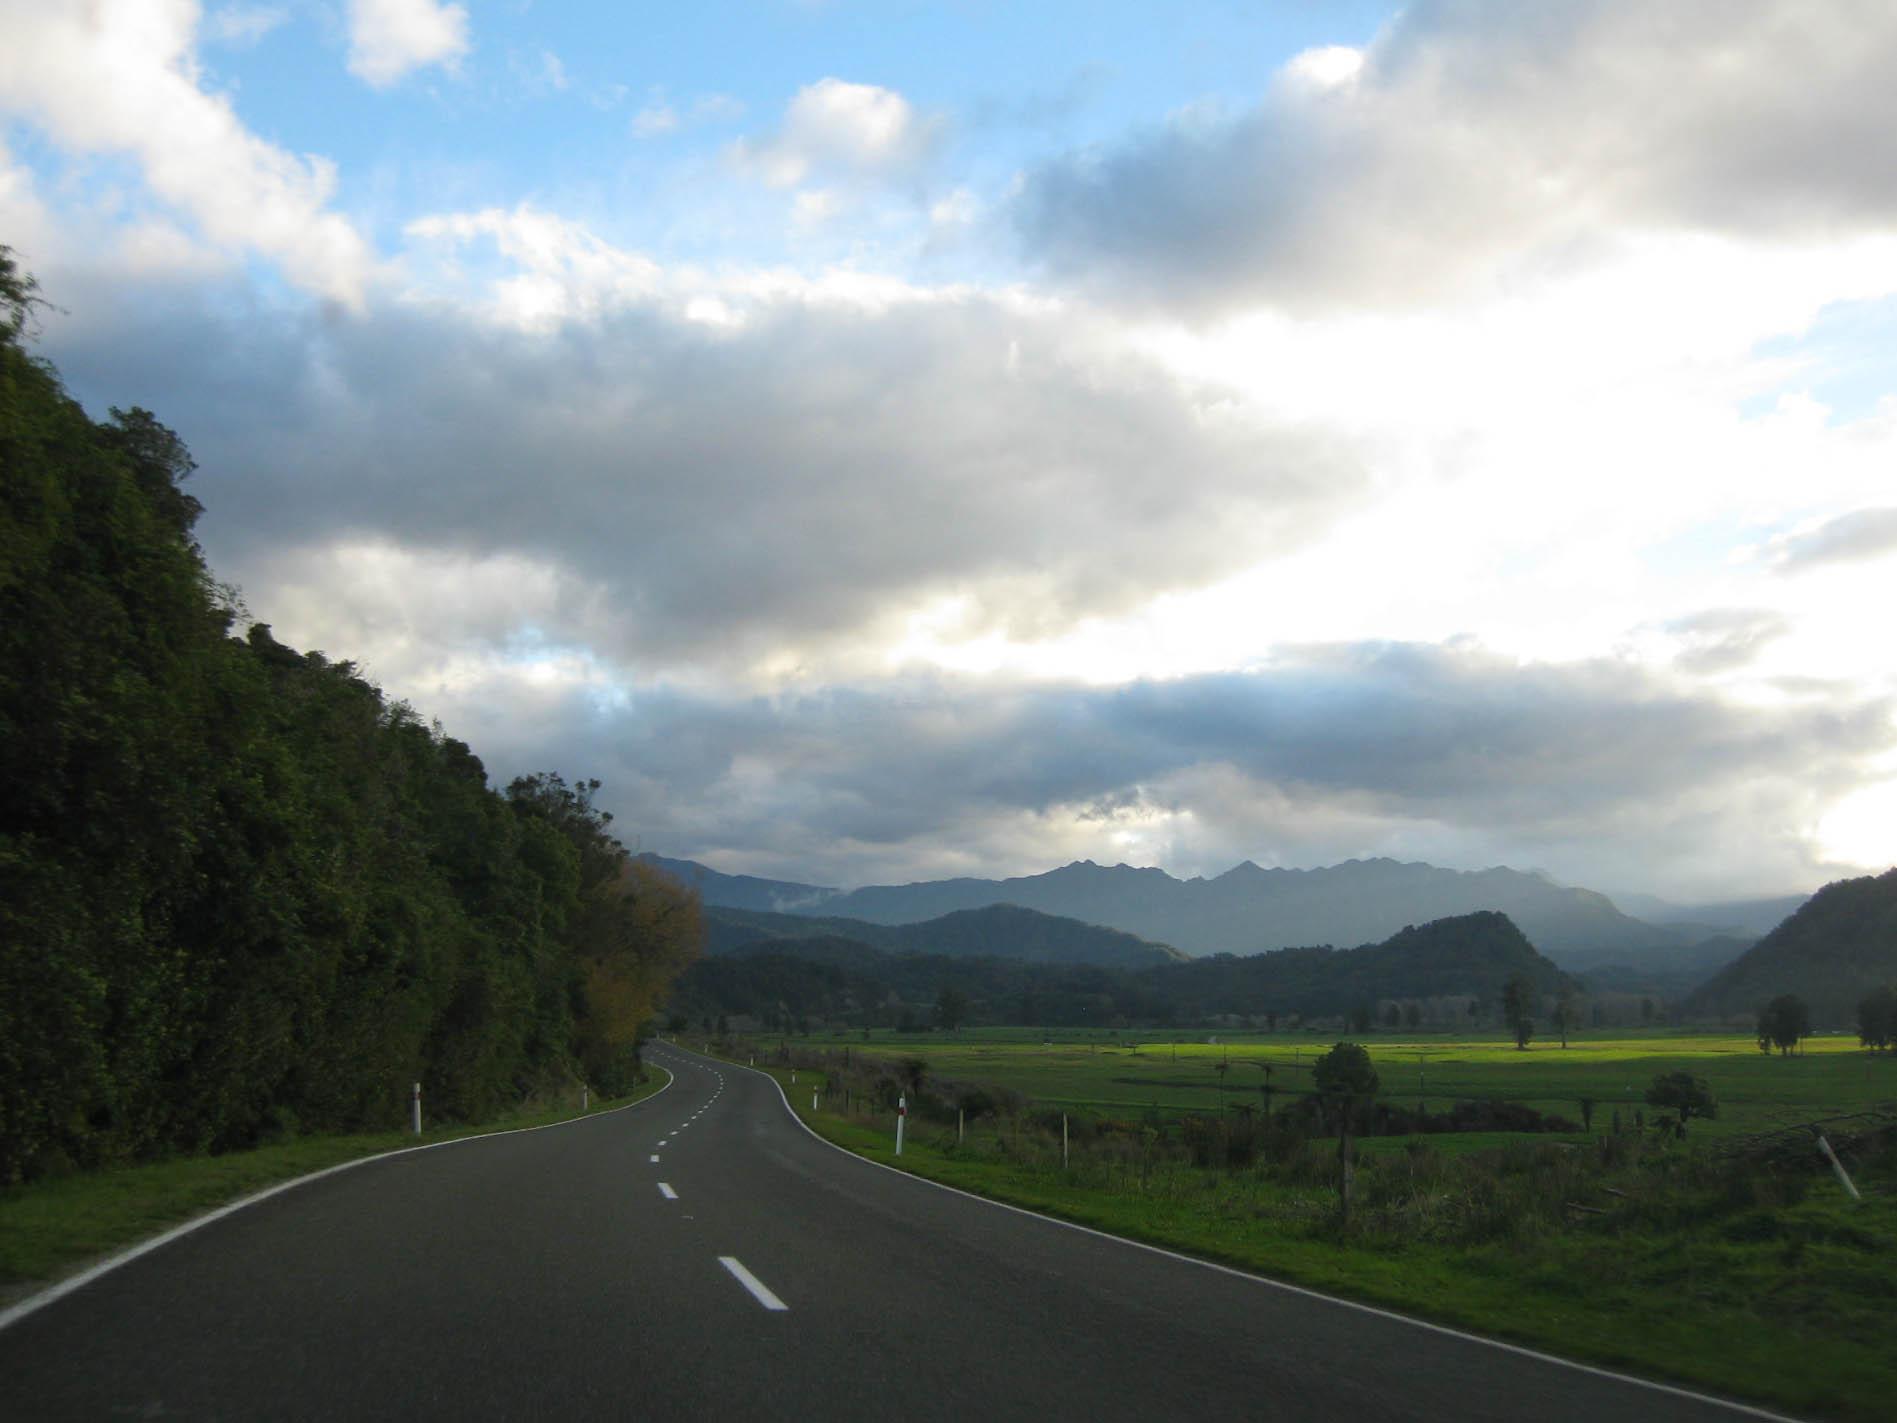 Nouvelle Zélande - Nelson & buller gorge swingbridge - les lubies de Louise (35 sur 42)